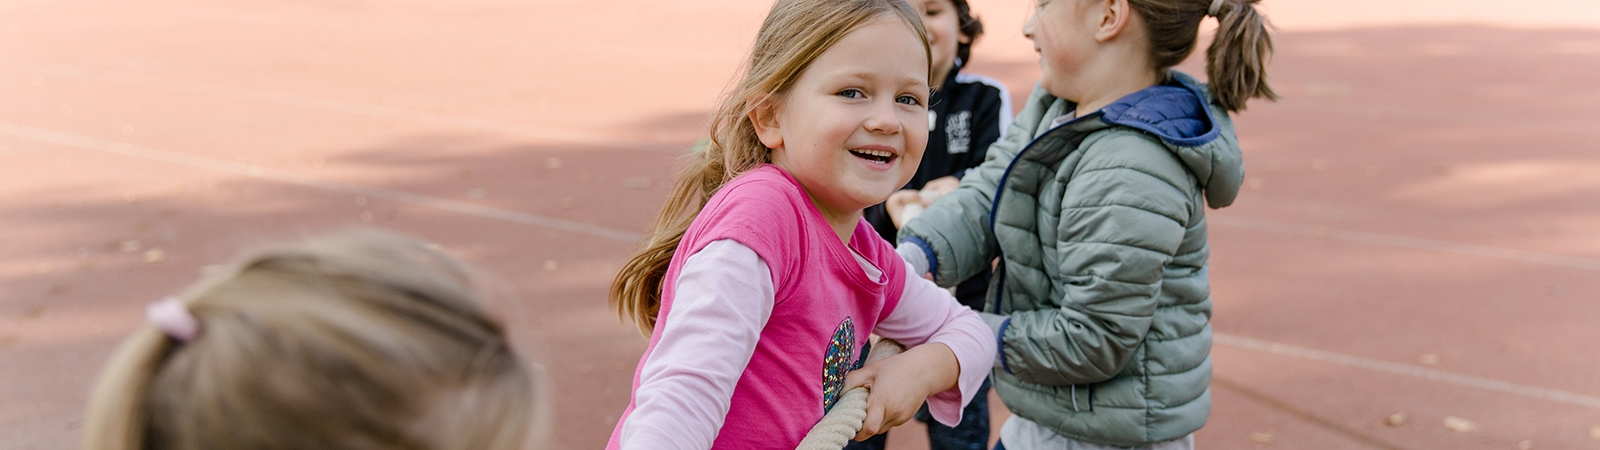 TSG Weinheim - Kindersportschule